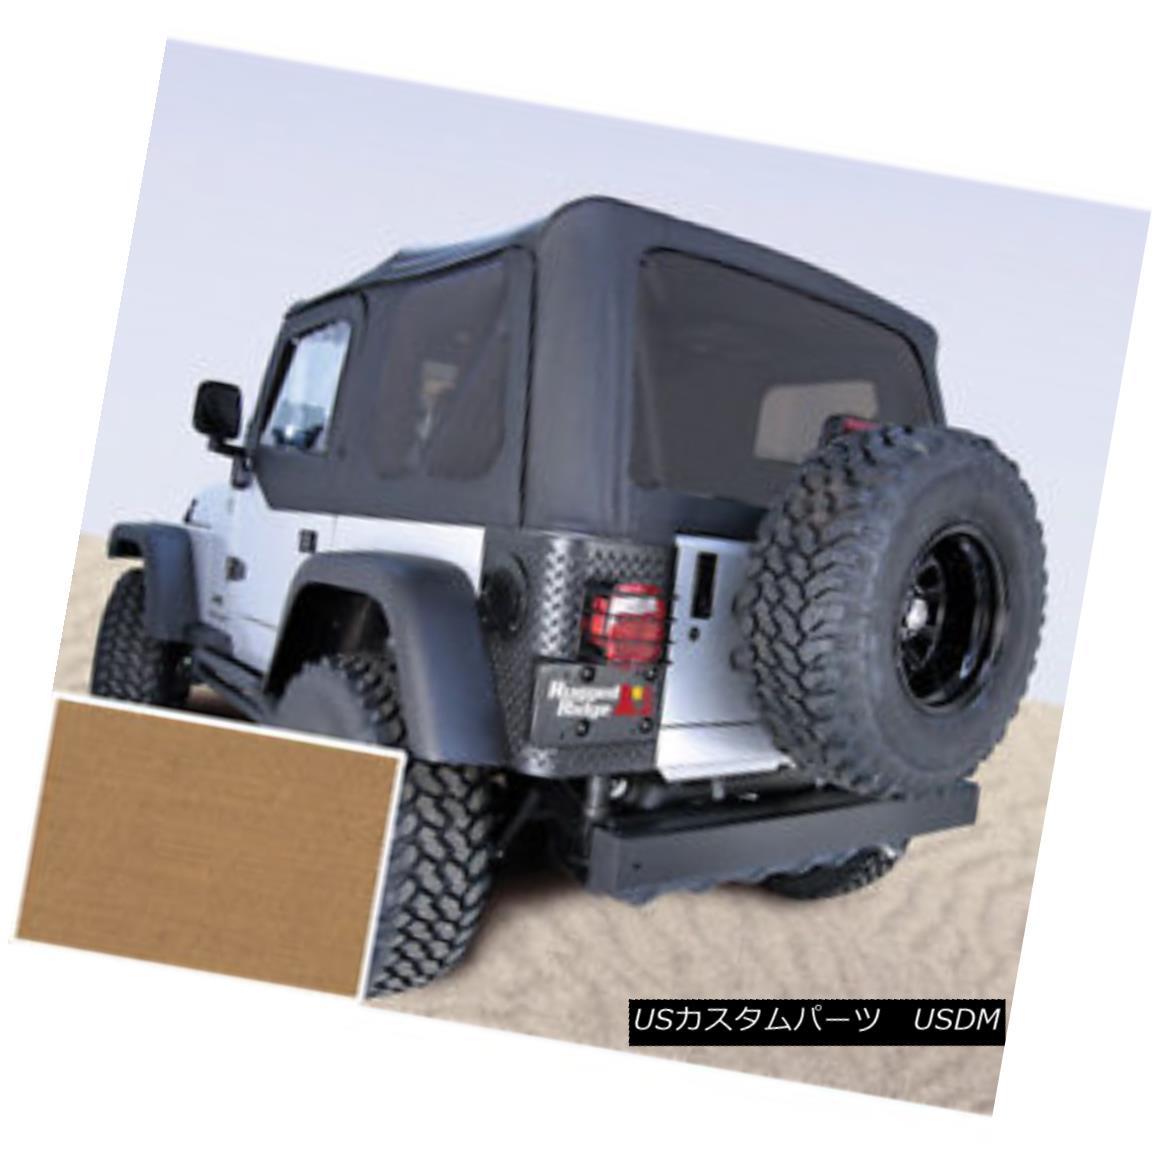 幌・ソフトトップ Rugged Ridge 13724.37 XHD Soft Top Spice Tinted Windows 97-06 Jeep Wrangler Rugged Ridge 13724.37 XHDソフトトップスパイスティンテッドWindows 97-06ジープラングラー